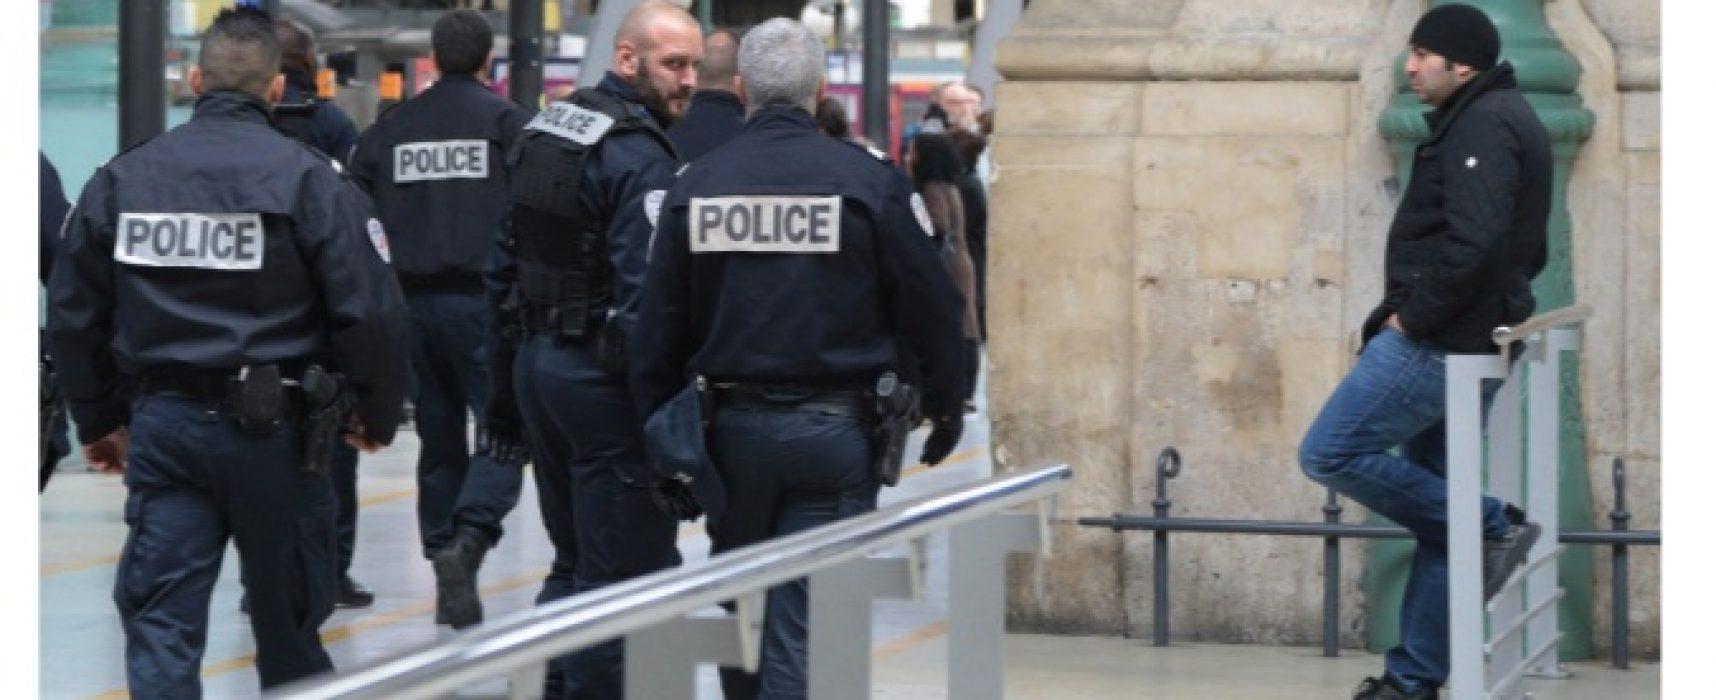 Фейк: Во Франции задержан украинец с машиной бейсбольных бит